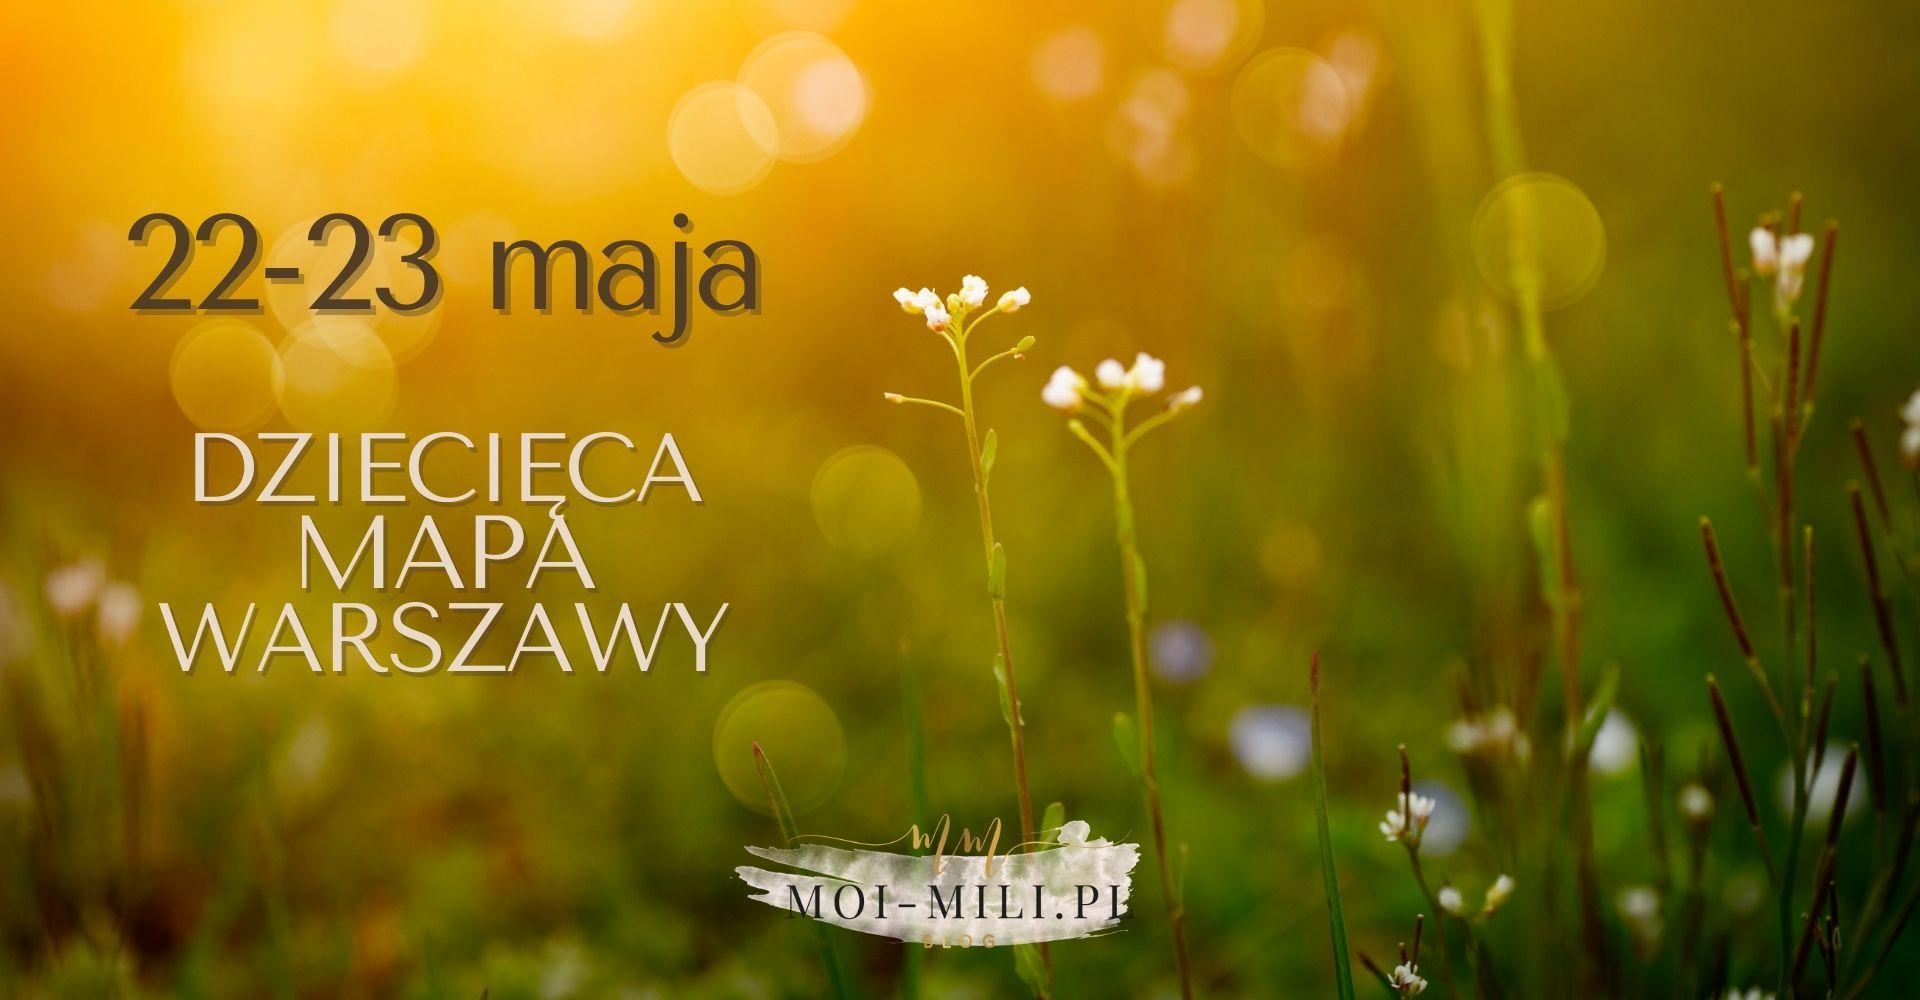 Weekendowa Zajawka, czyli co robić z dzieckiem w Warszawie 22-23 maja